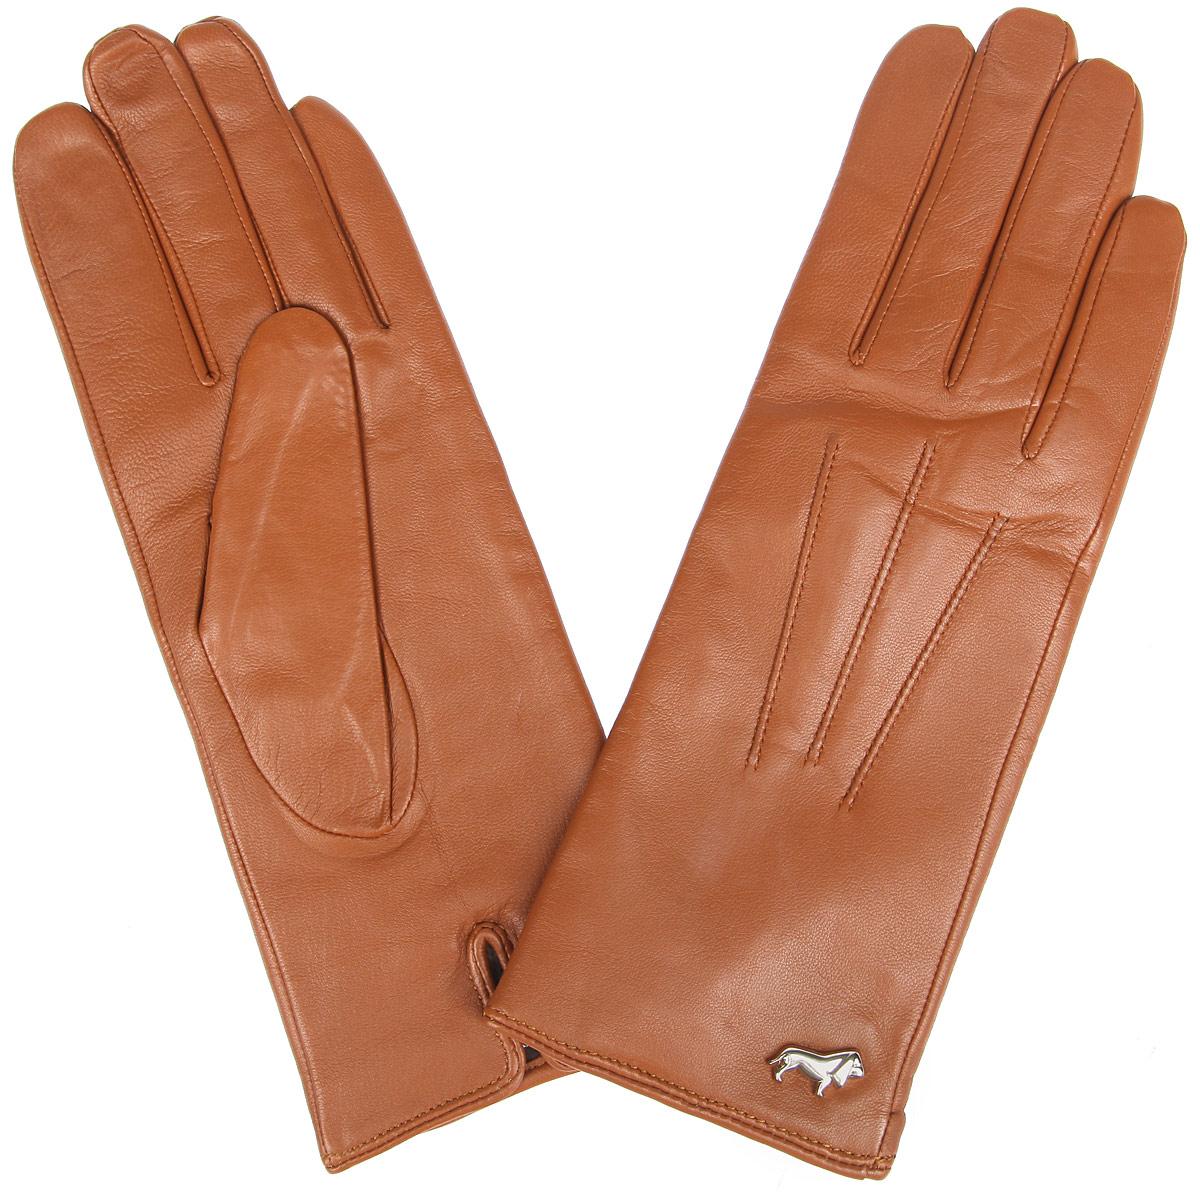 Перчатки женские Labbra, цвет: рыже-коричневый. LB-4607. Размер 6LB-4607Стильные женские перчатки Labbra не только защитят ваши руки от холода, но и станут великолепным украшением. Перчатки выполнены из из натуральной кожи ягненка с подкладкой из шерсти и акрила. Модель оформлена машинной строчкой три луча и фирменным декоративным элементом в виде собачки. В настоящее время перчатки являются неотъемлемой частью одежды, вместе с этим аксессуаром вы обретаете женственность и элегантность. Перчатки станут завершающим и подчеркивающим элементом вашего стиля и неповторимости.